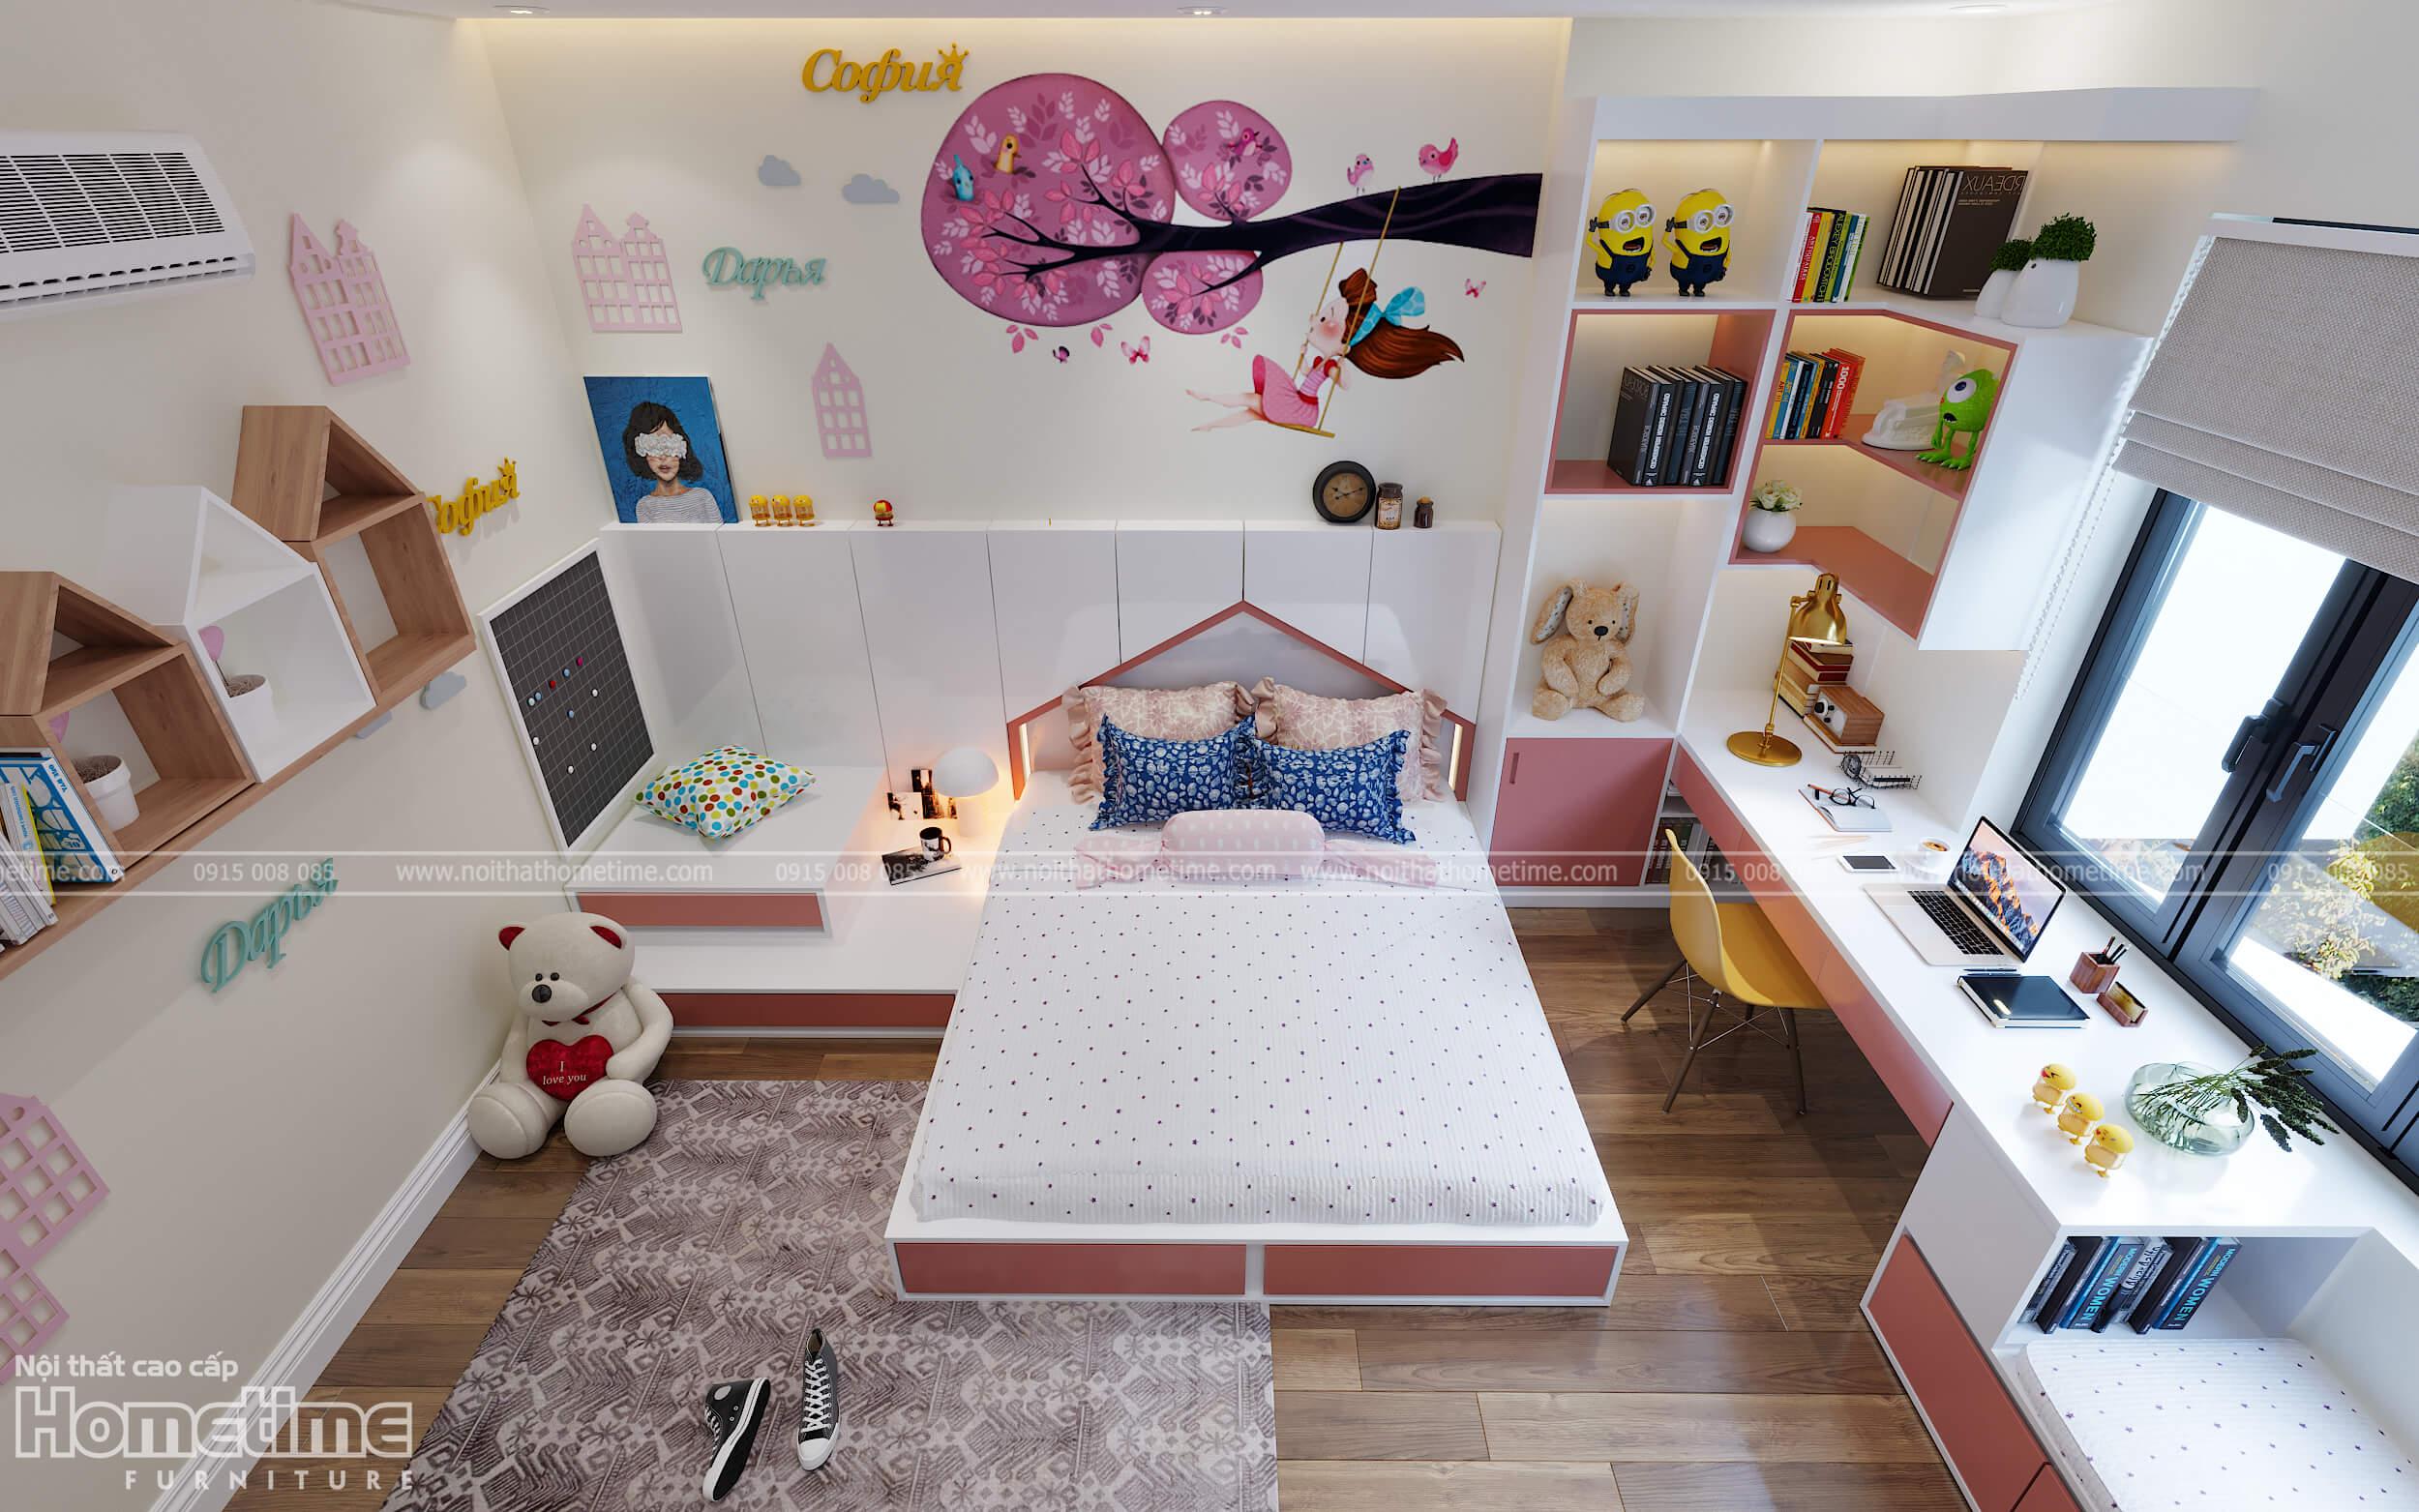 Trọn bộ nội thất phòng ngủ bé gái chỉ với 60 triệu đồng